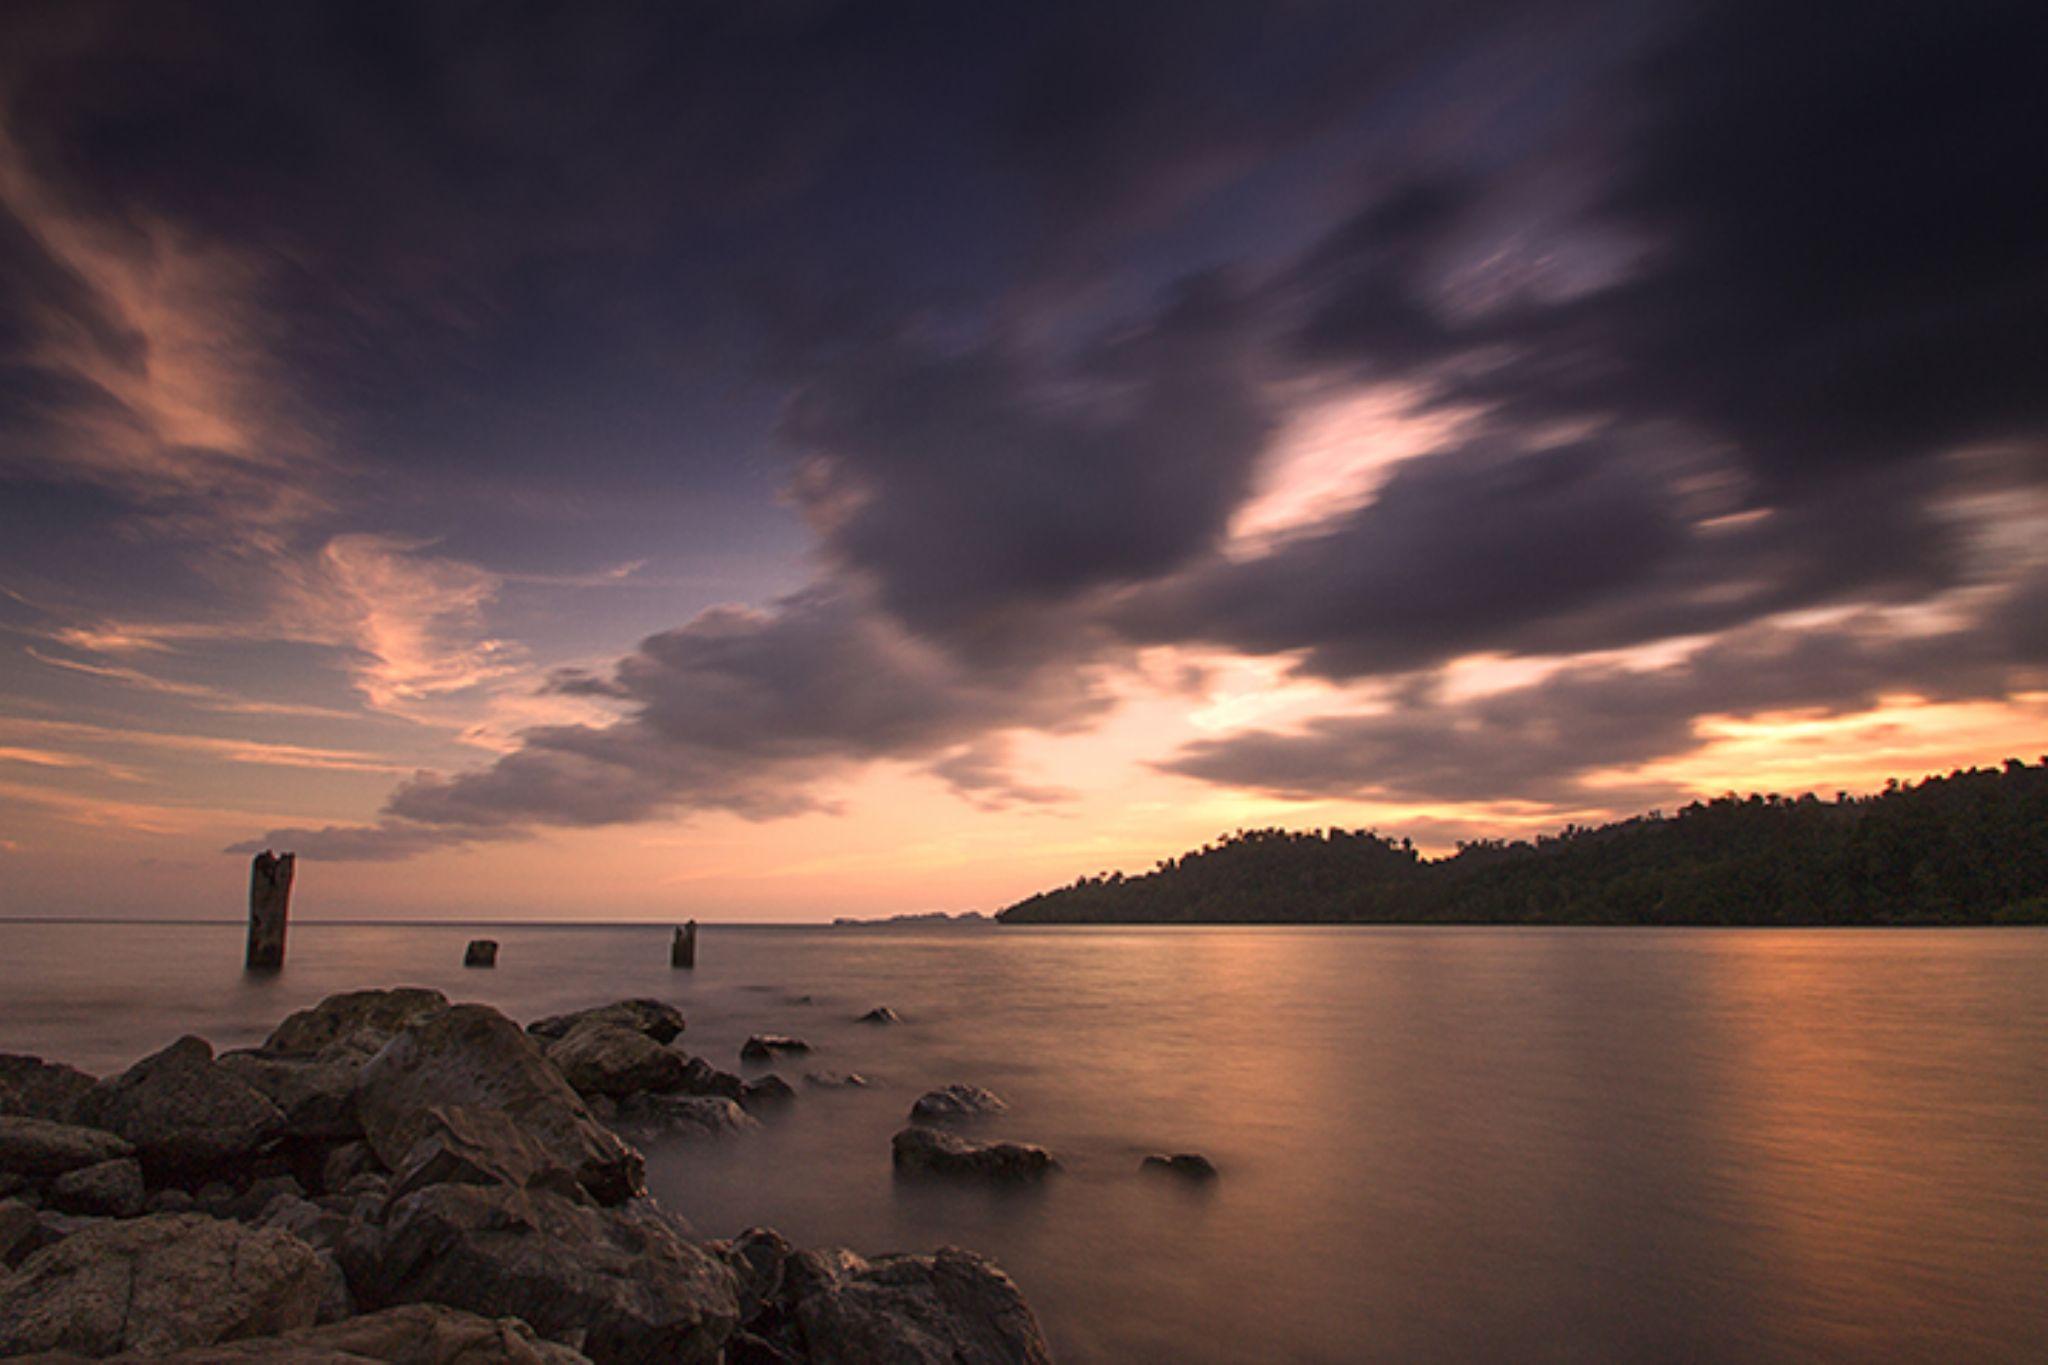 Wabur Bay by Hadjipohang